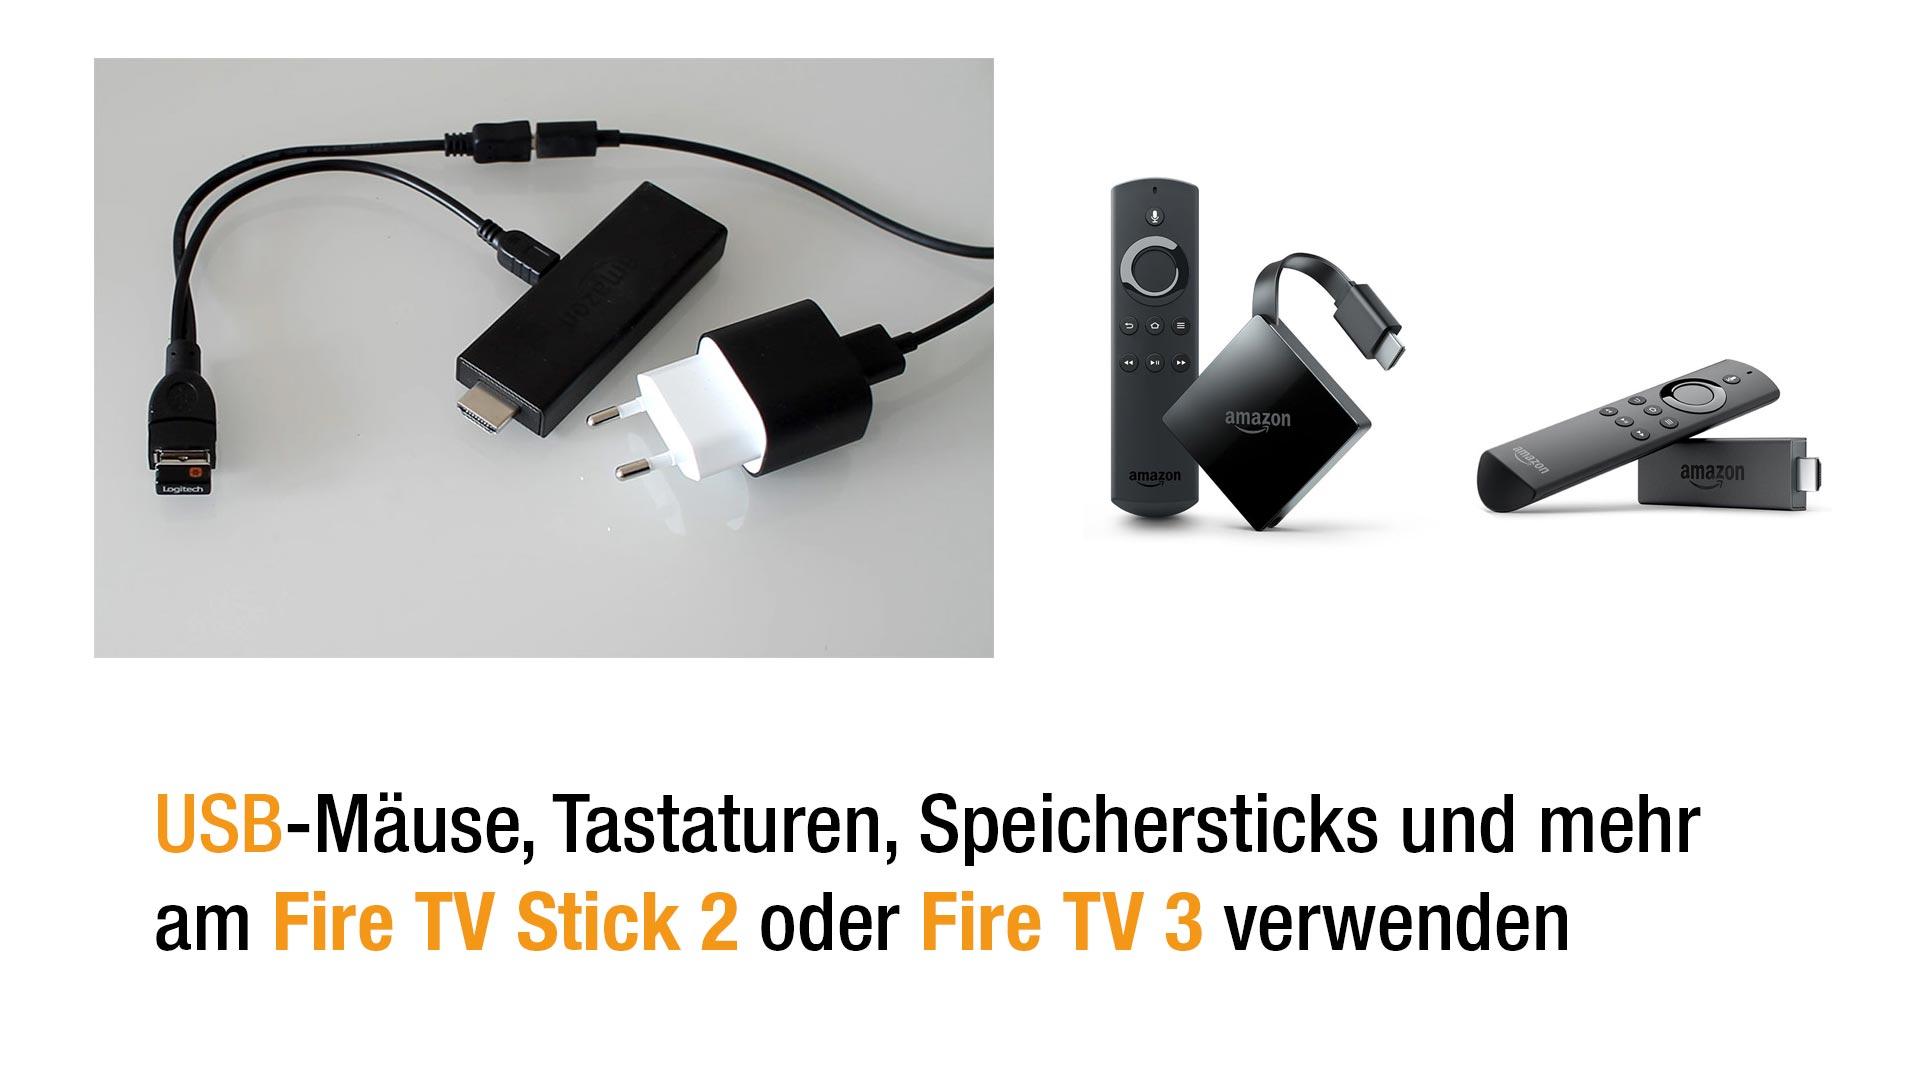 Anleitung: Maus und Tastatur am neuen Fire TV Stick 2 mit OTG Kabel benutzen